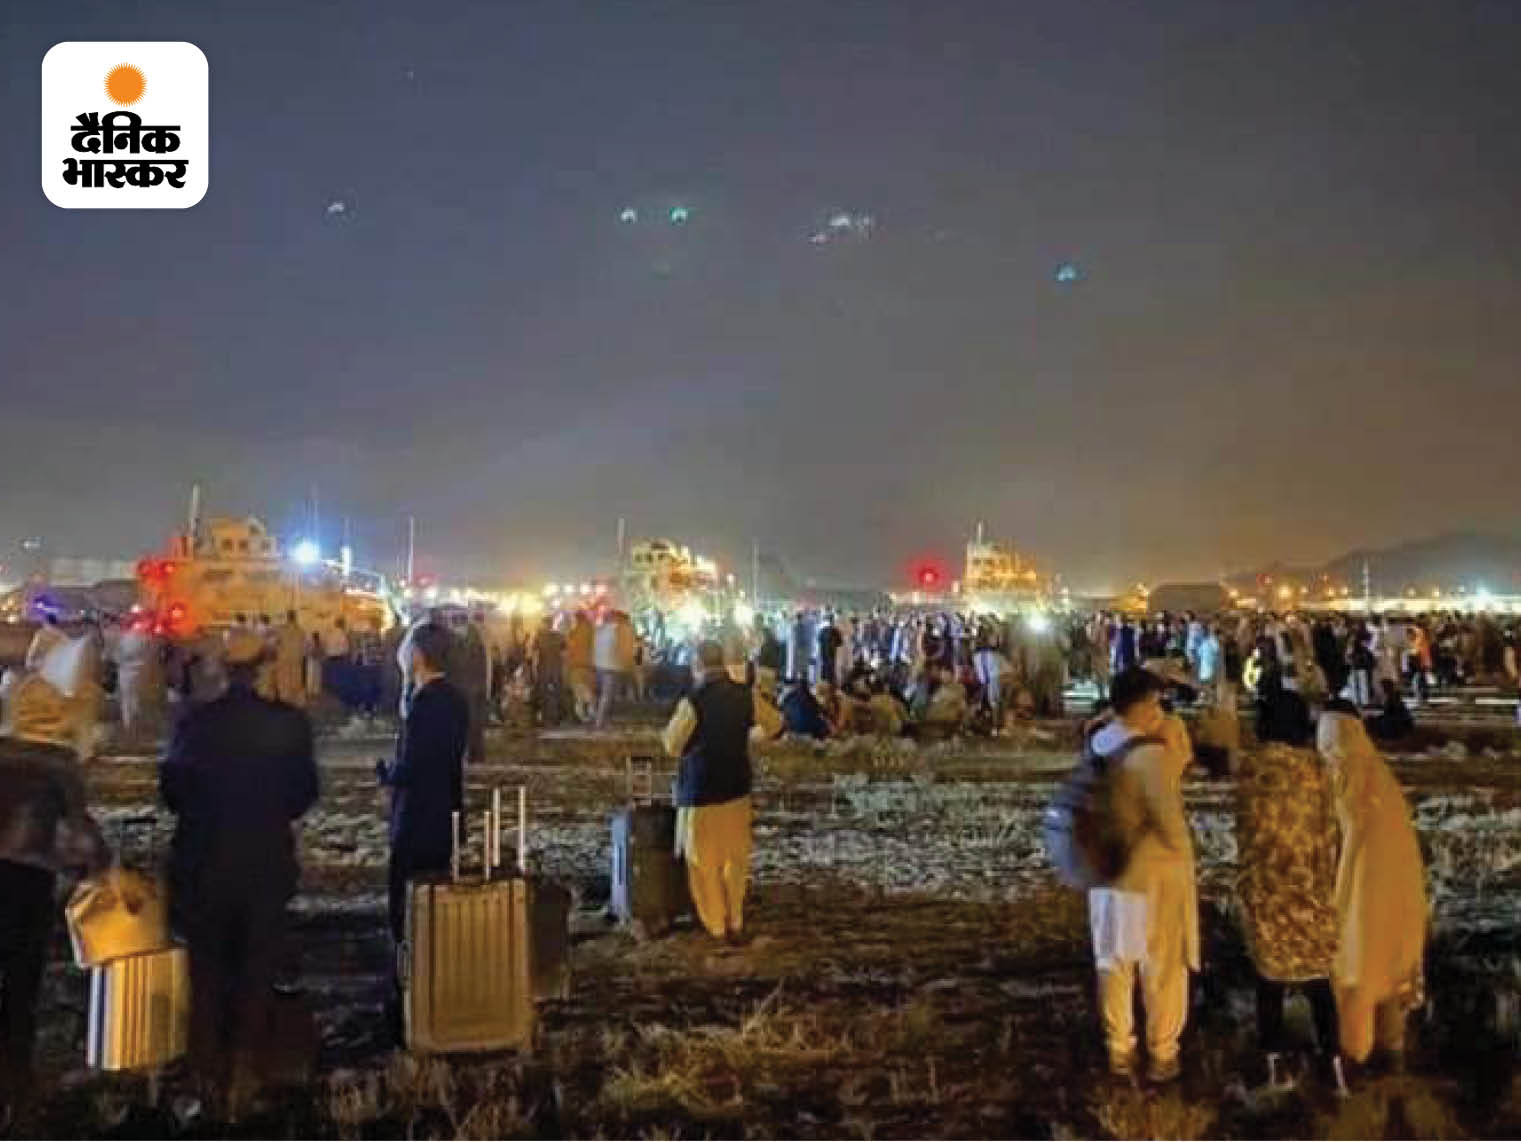 फोटो काबुल एयरपोर्ट पर शनिवार रात पहुंचे हजारों लोगों की है। 15 अगस्त को राष्ट्रपति के देश छोड़ने की खबर आने के बाद लोगों ने एयरपोर्ट पर इकट्ठा होना शुरू कर दिया।